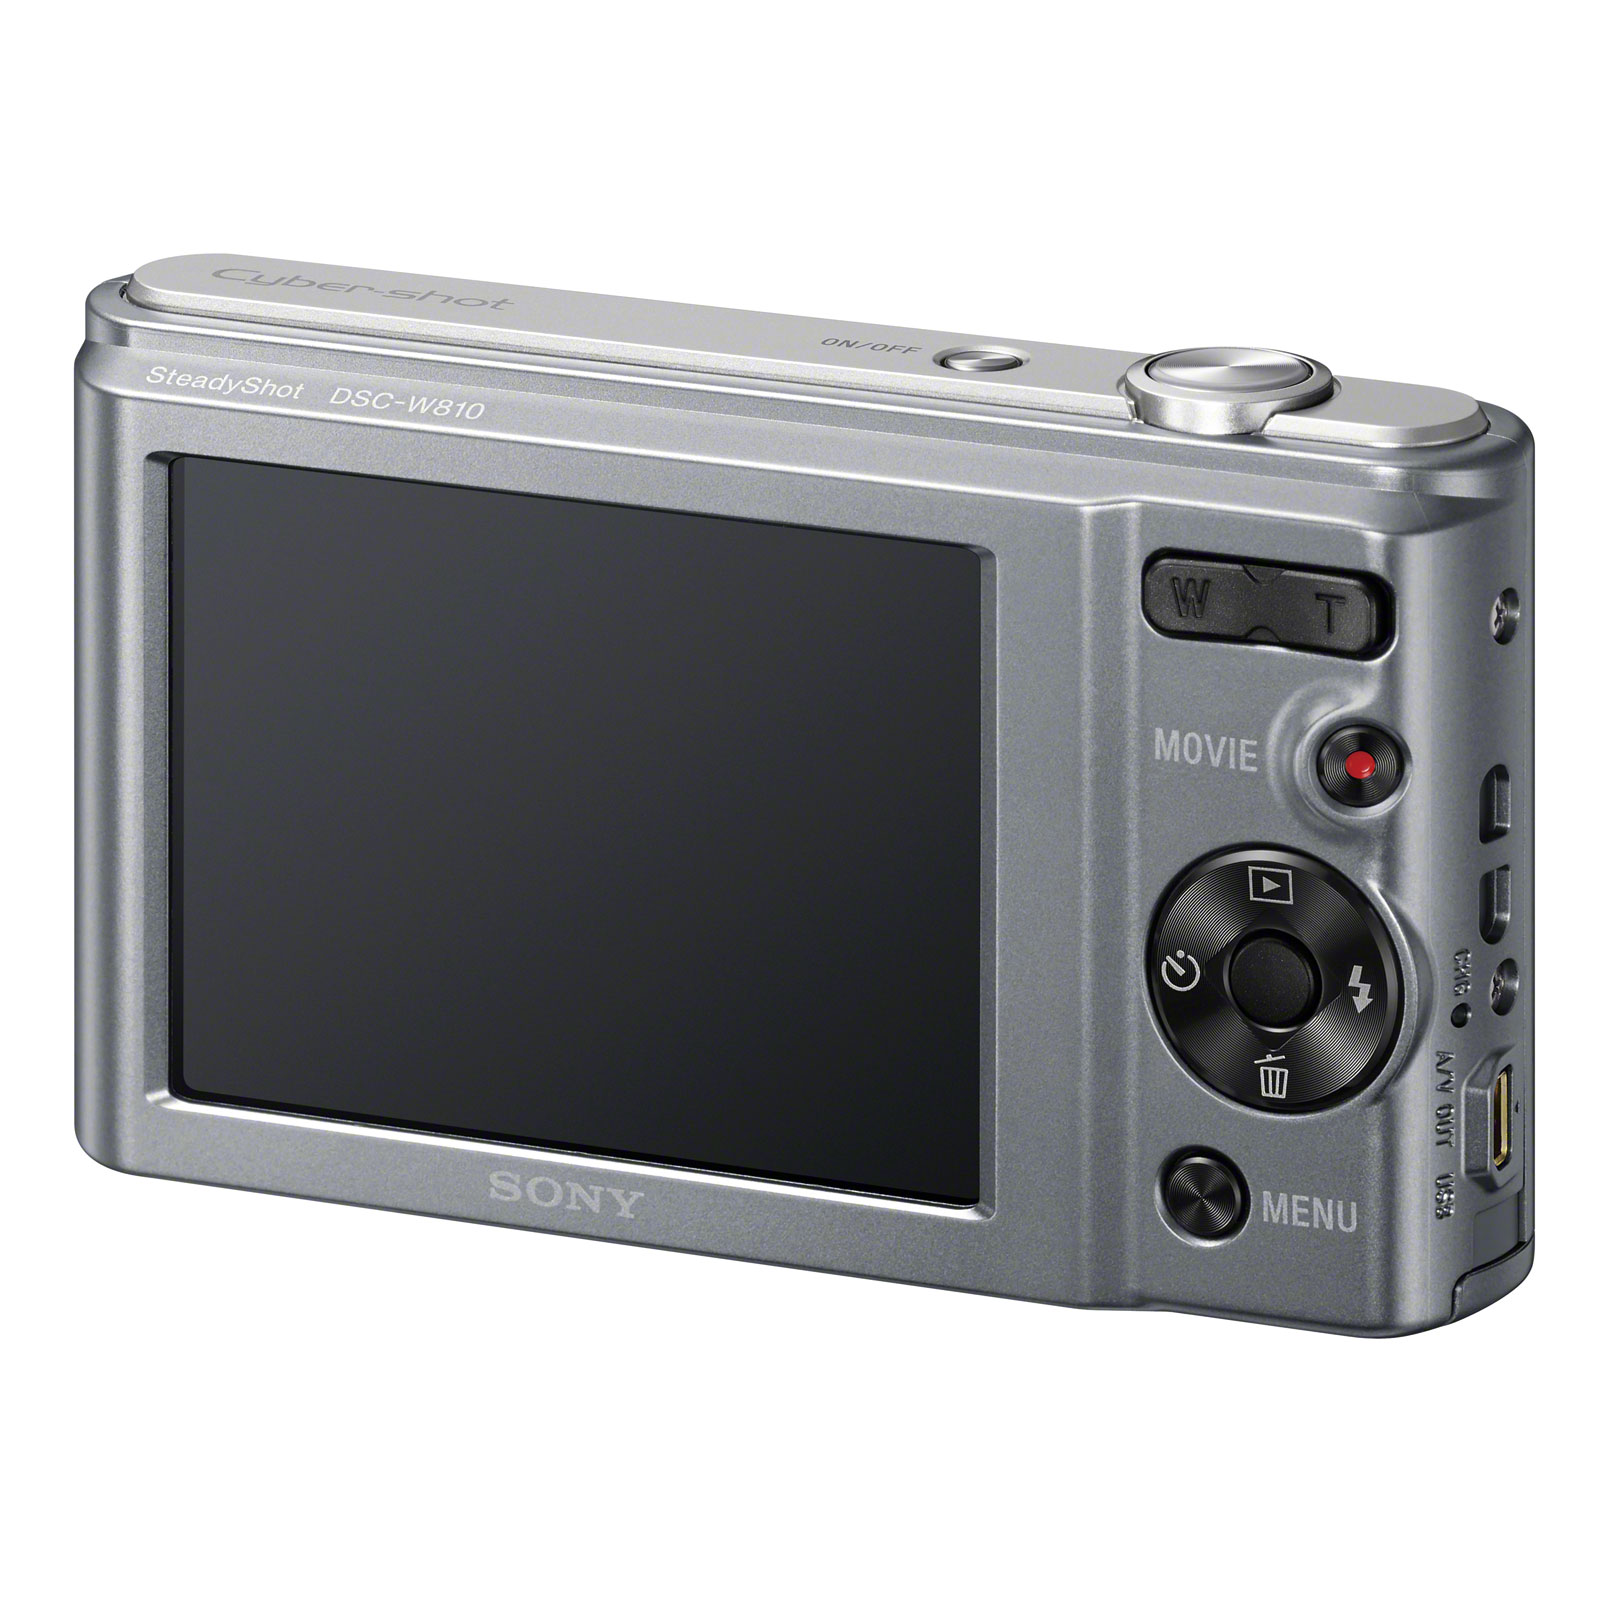 Sony dsc w810 argent appareil photo num rique sony sur for Miroir projector 720p